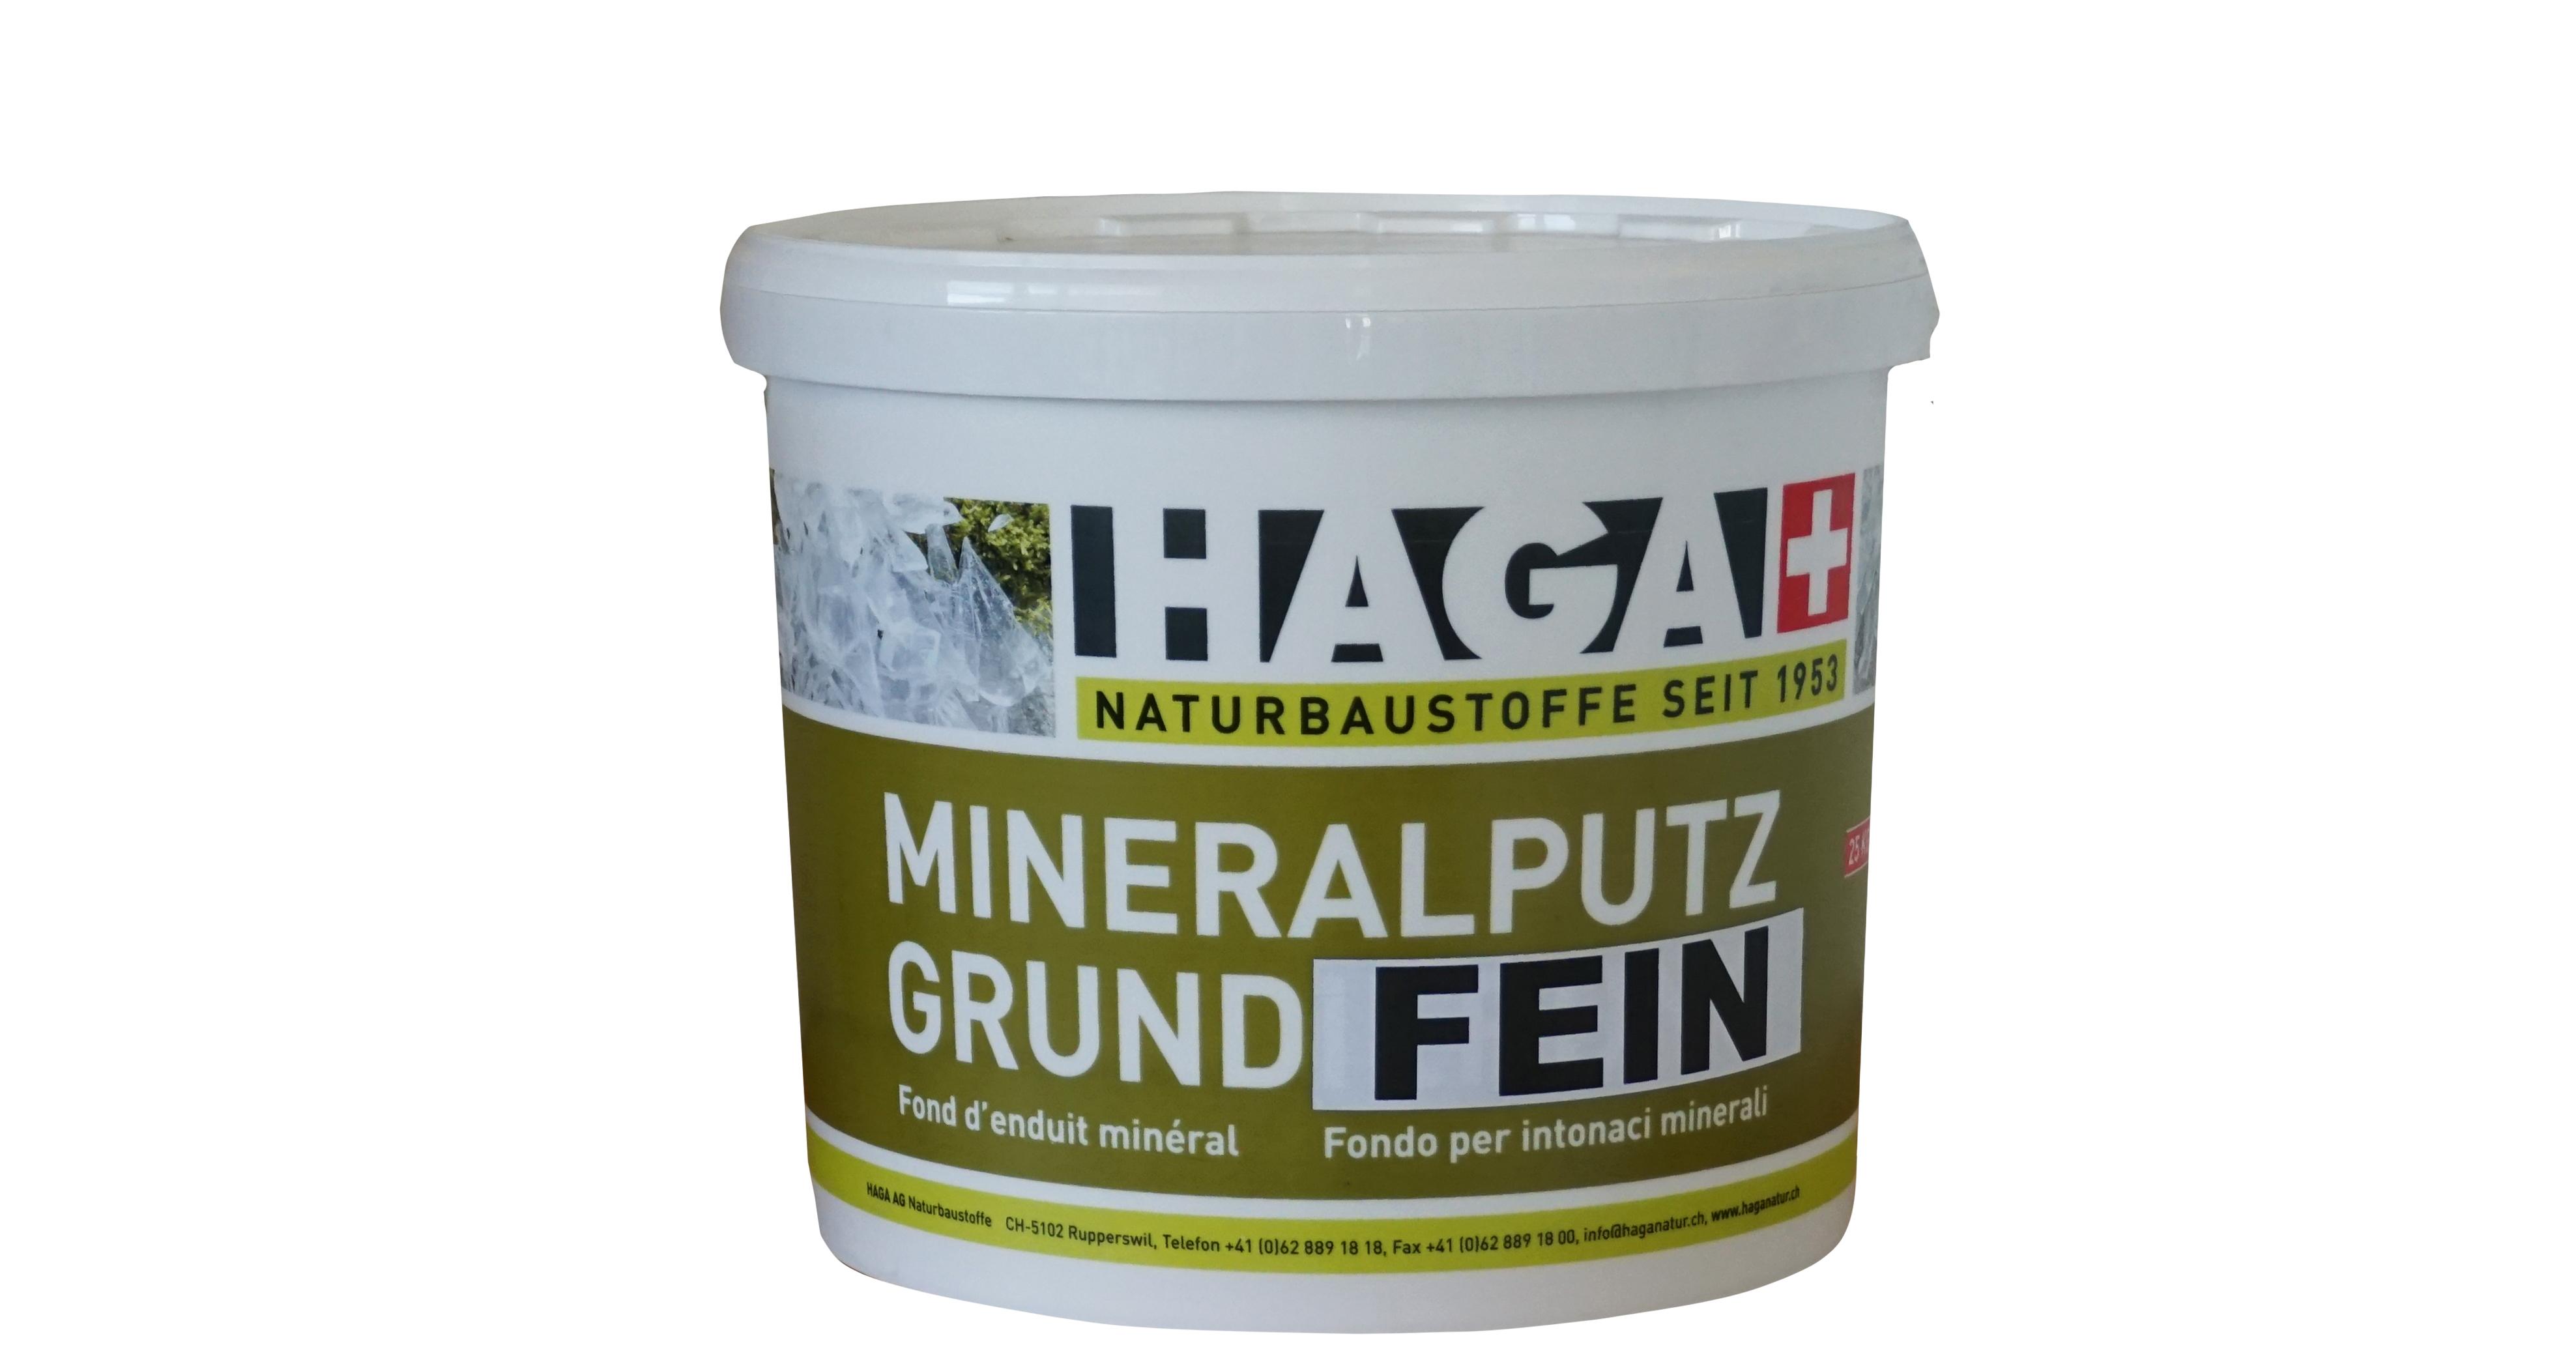 HAGA Mineralputzgrundierung  FEIN